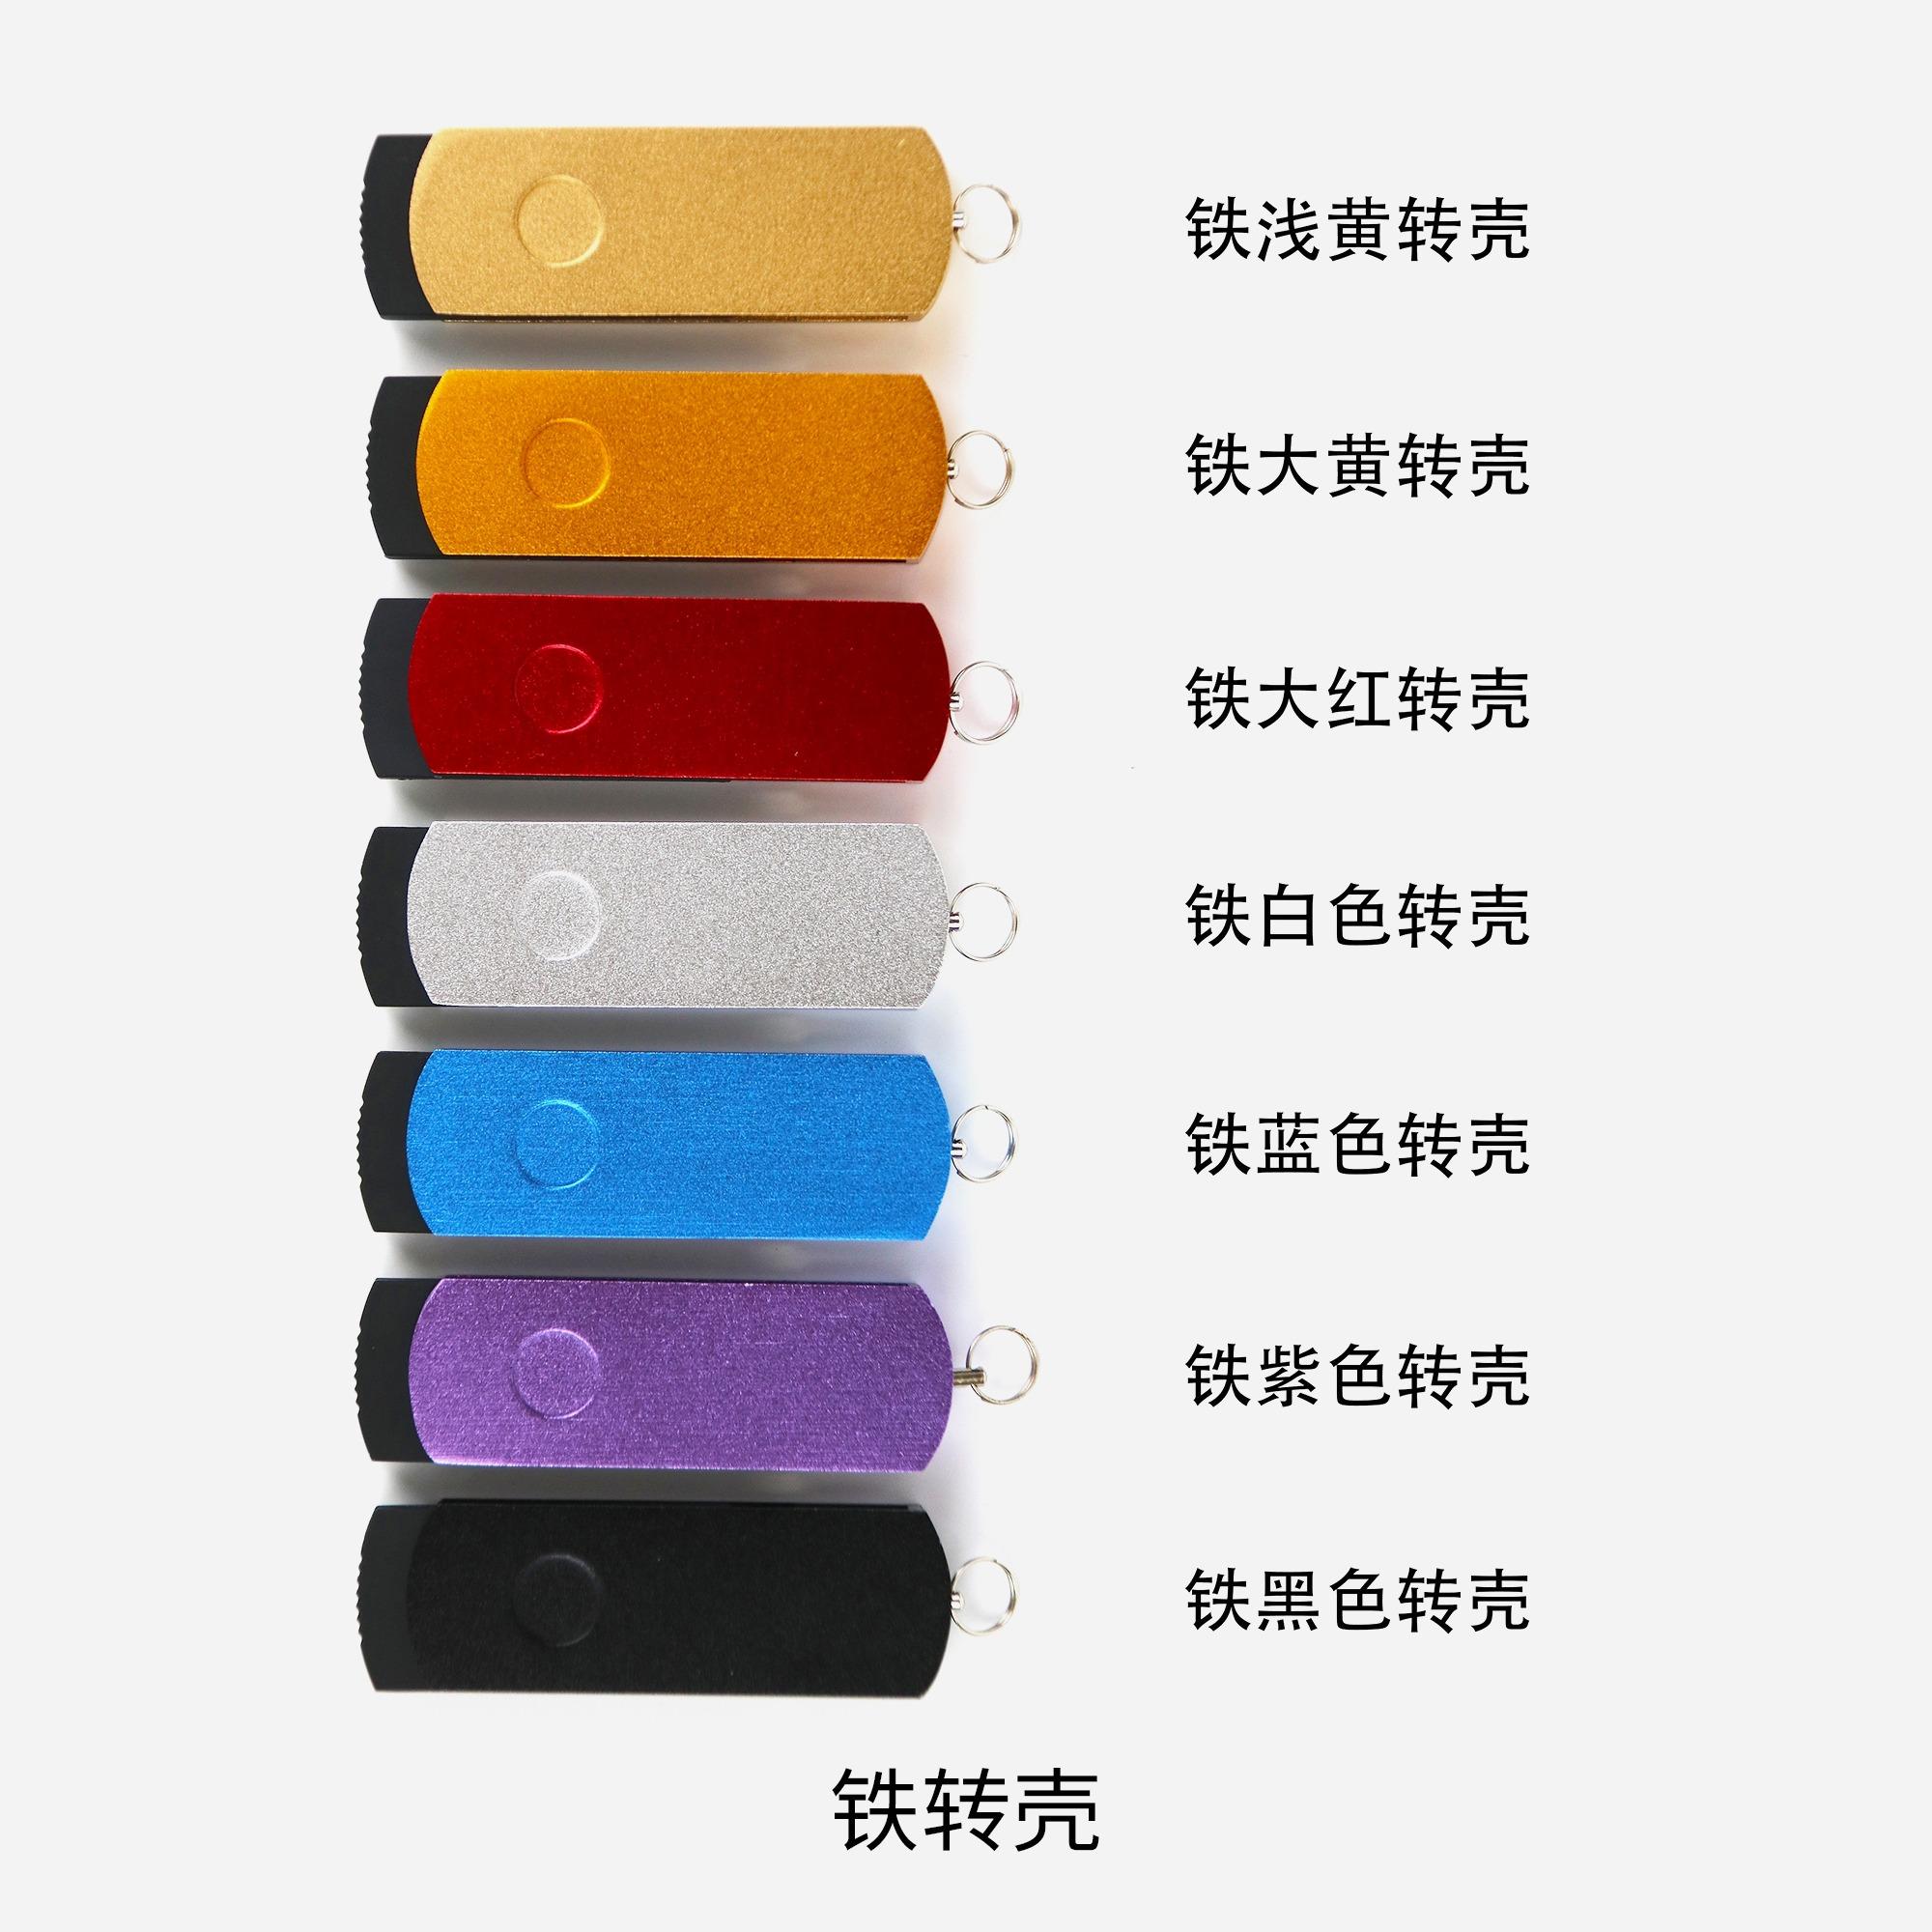 各种铁转壳(7色)